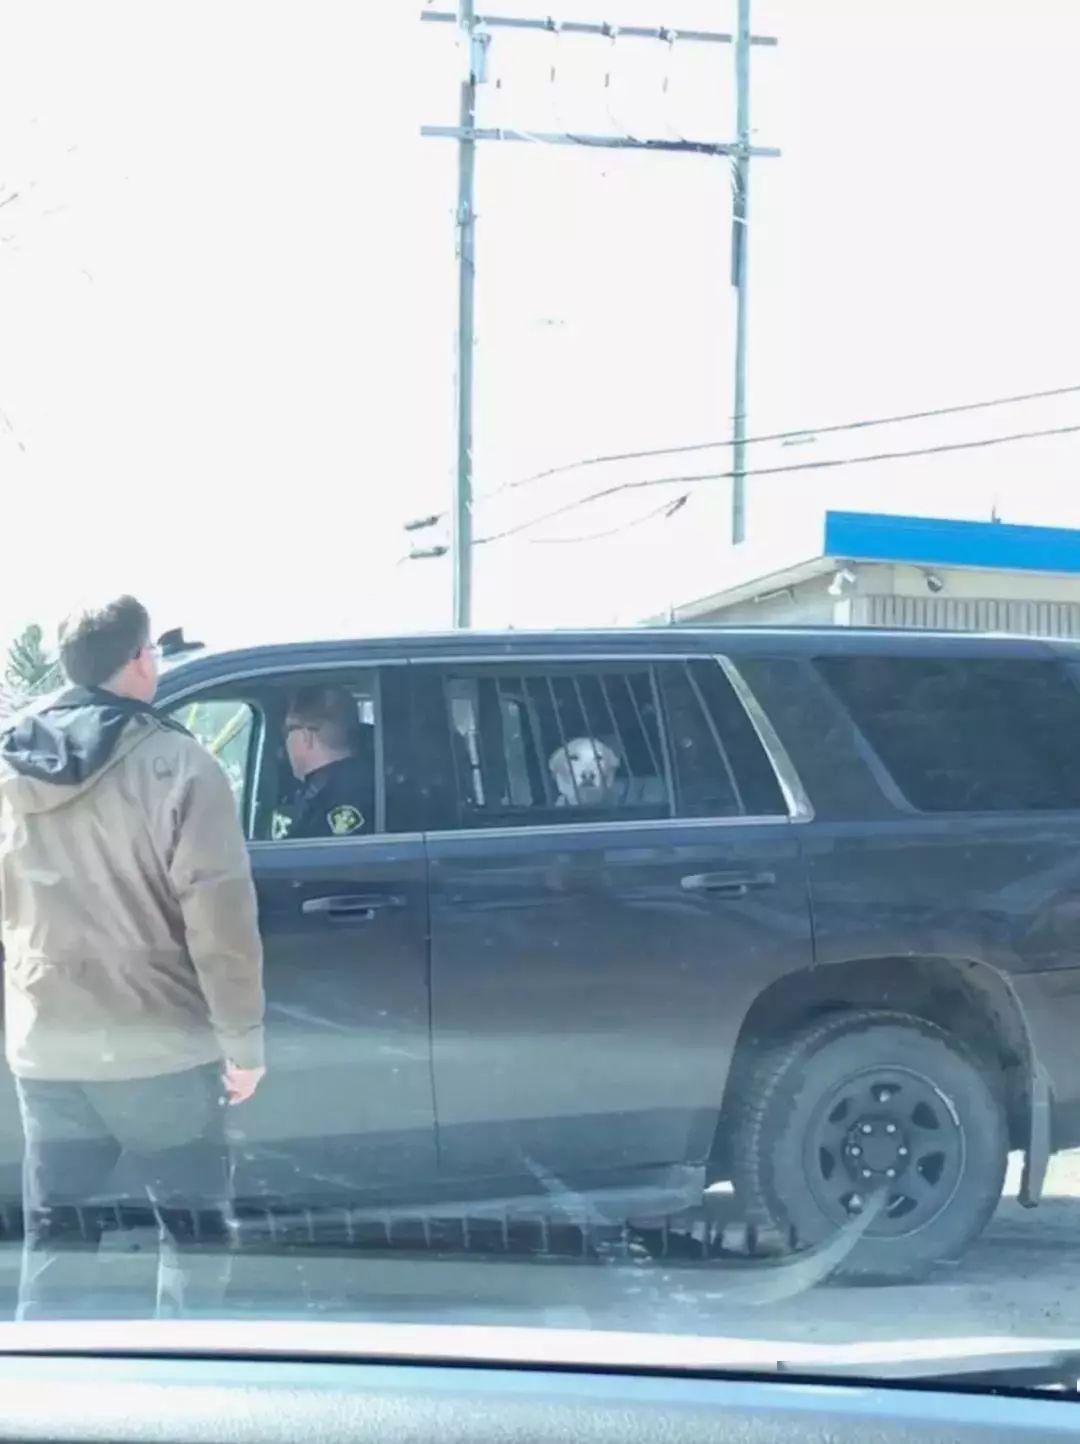 铲屎官接到警察的电话,说她家狗子犯事被捕了,要她去领狗